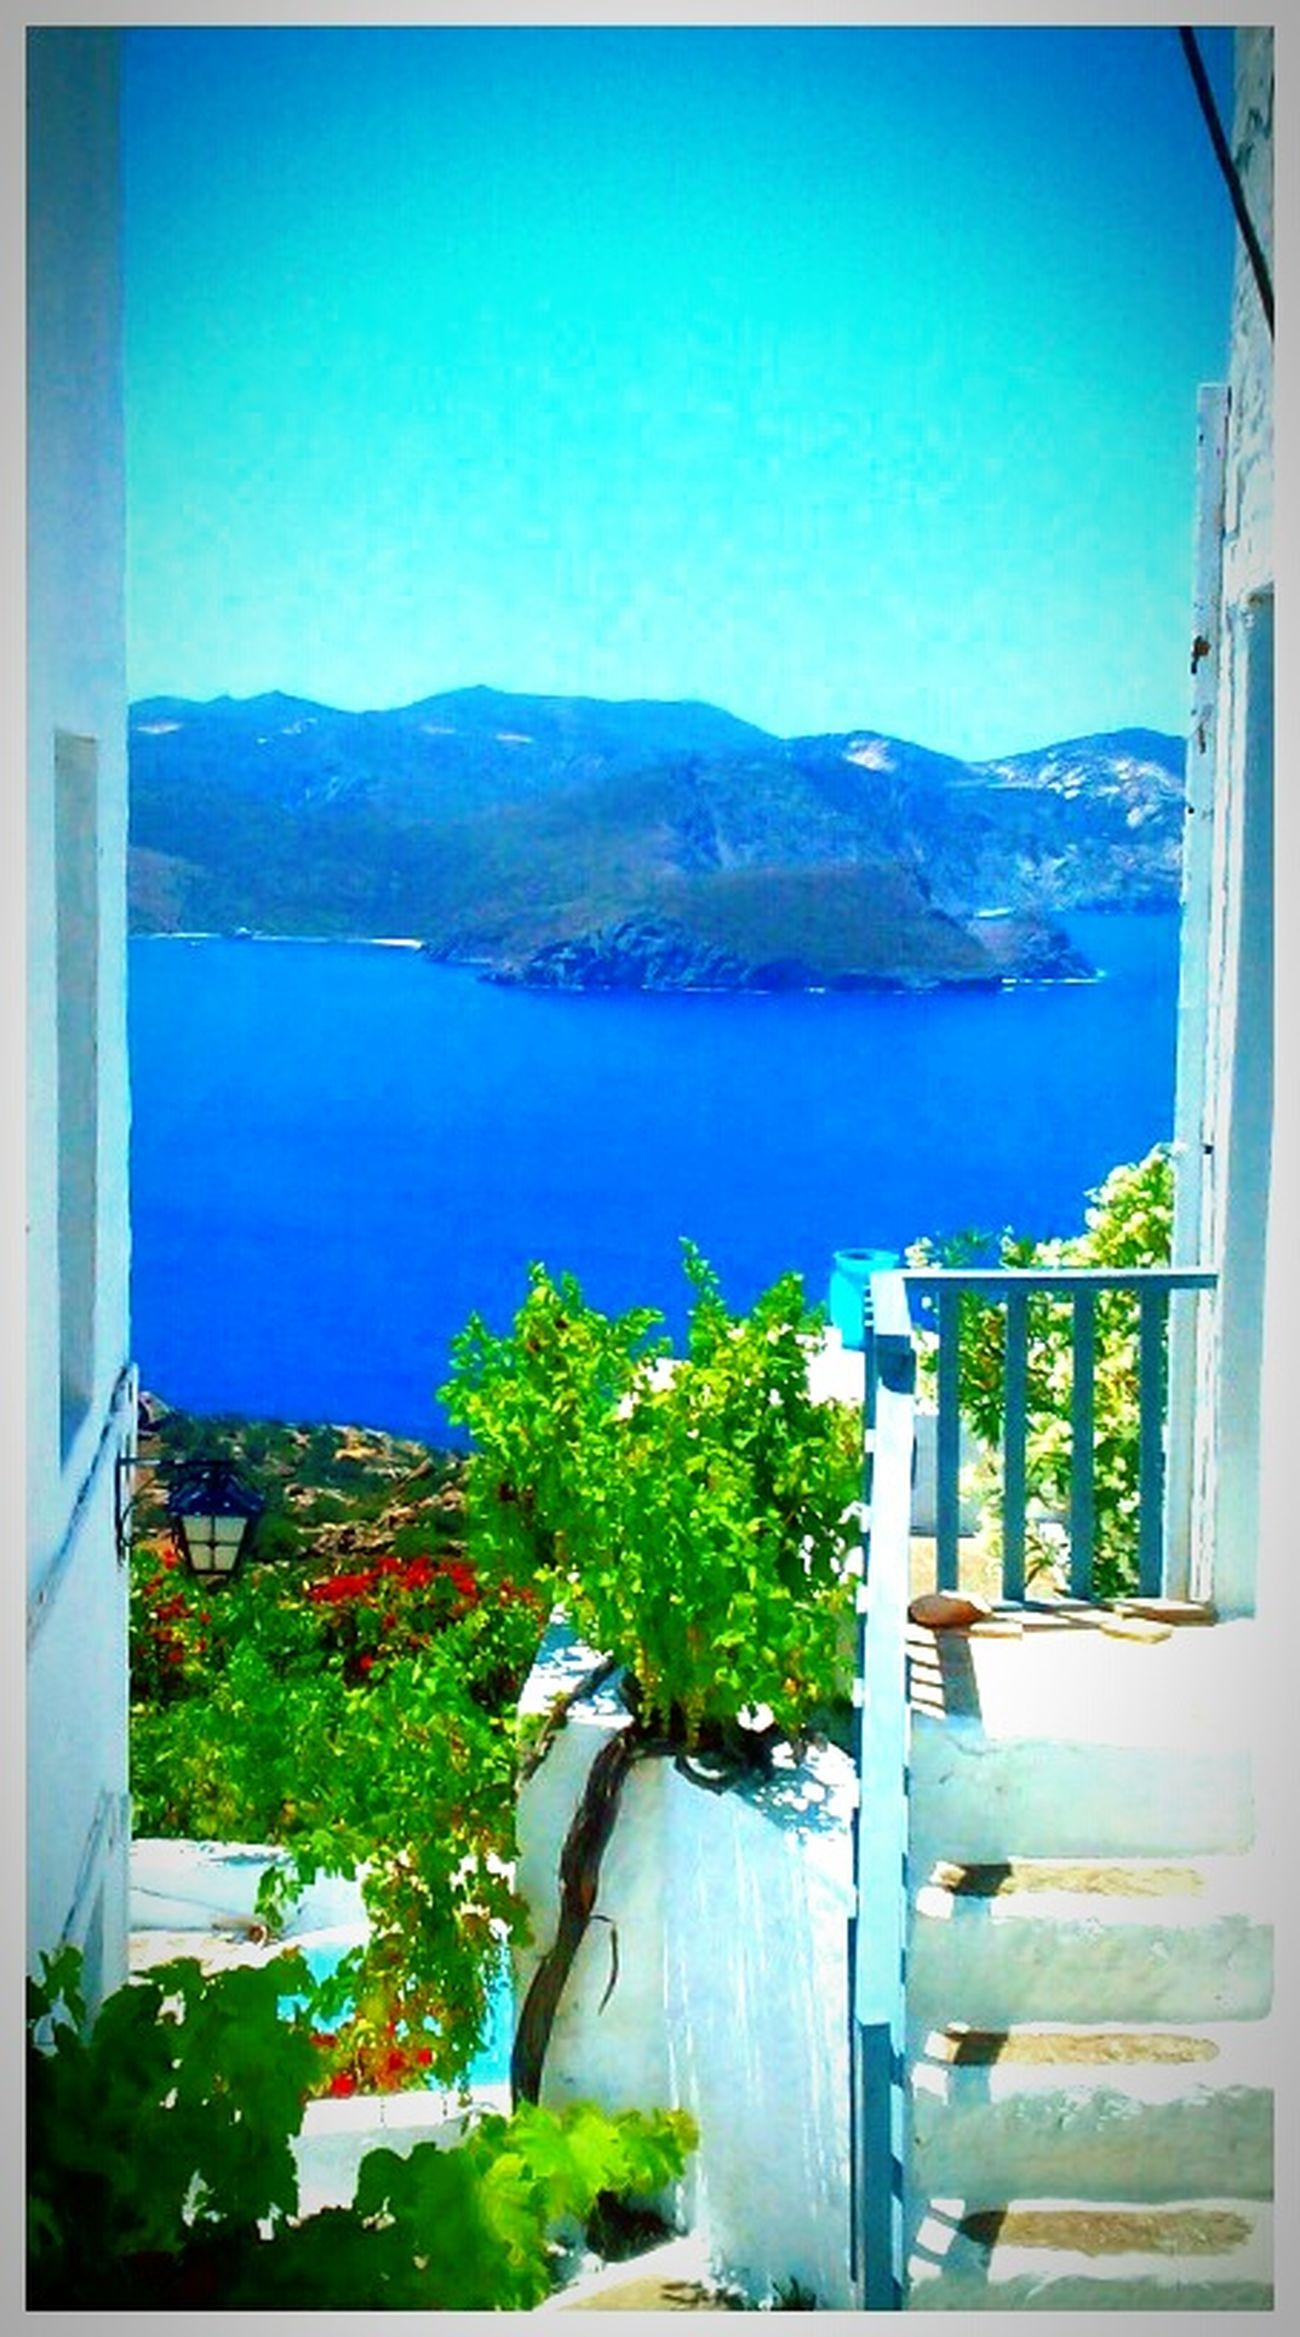 Bestoftheday Bestview Blue Sea Sunnyday☀️ Enjoying Life Sunny Morning Hotday Bestfeelingintheworld  Milos Island Photoshooting